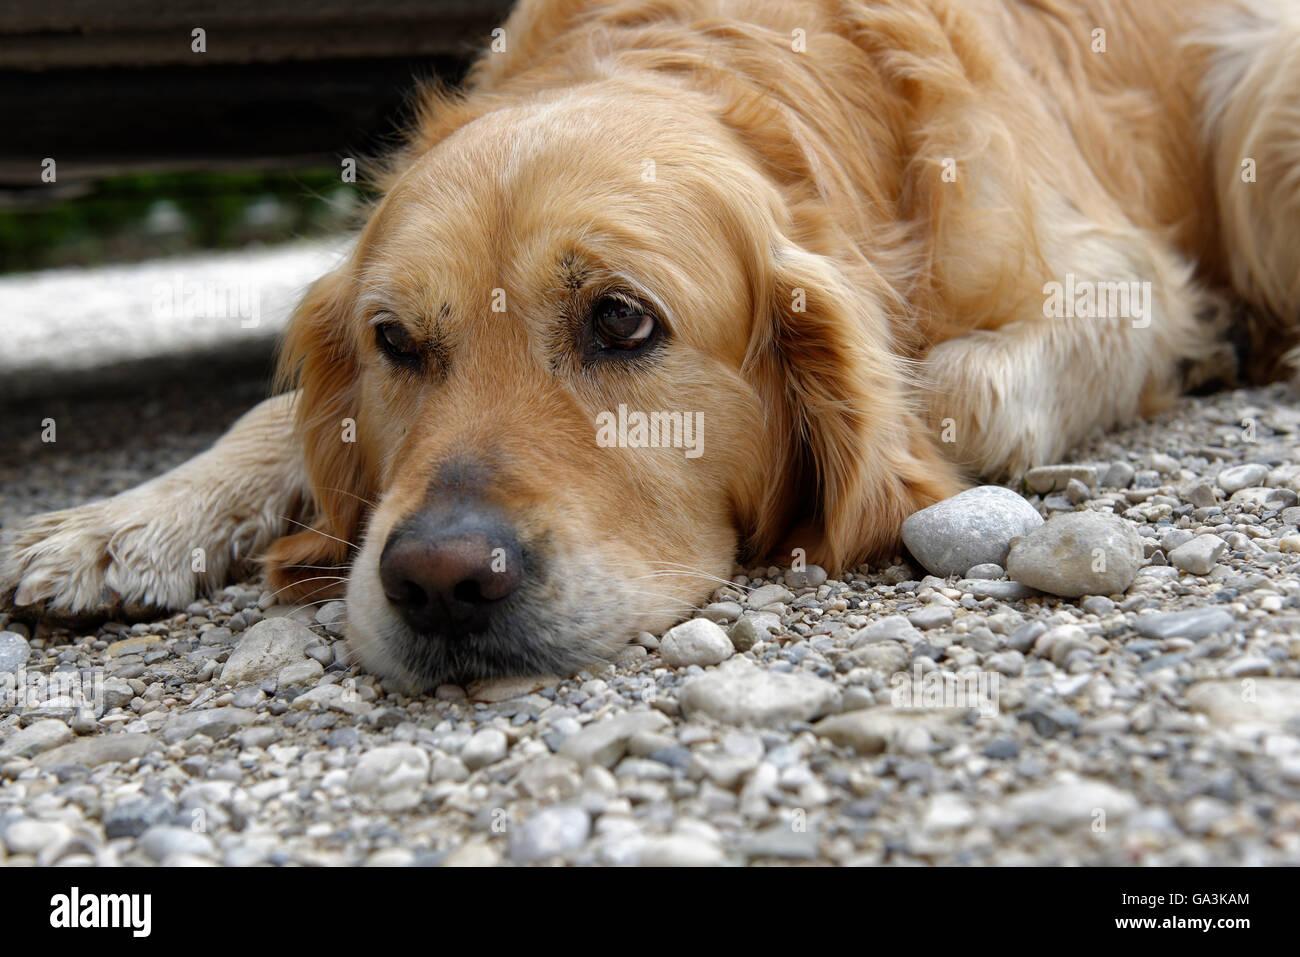 Tired Dog Golden Retriever Sad Puppy Dog Eyes Upper Bavaria